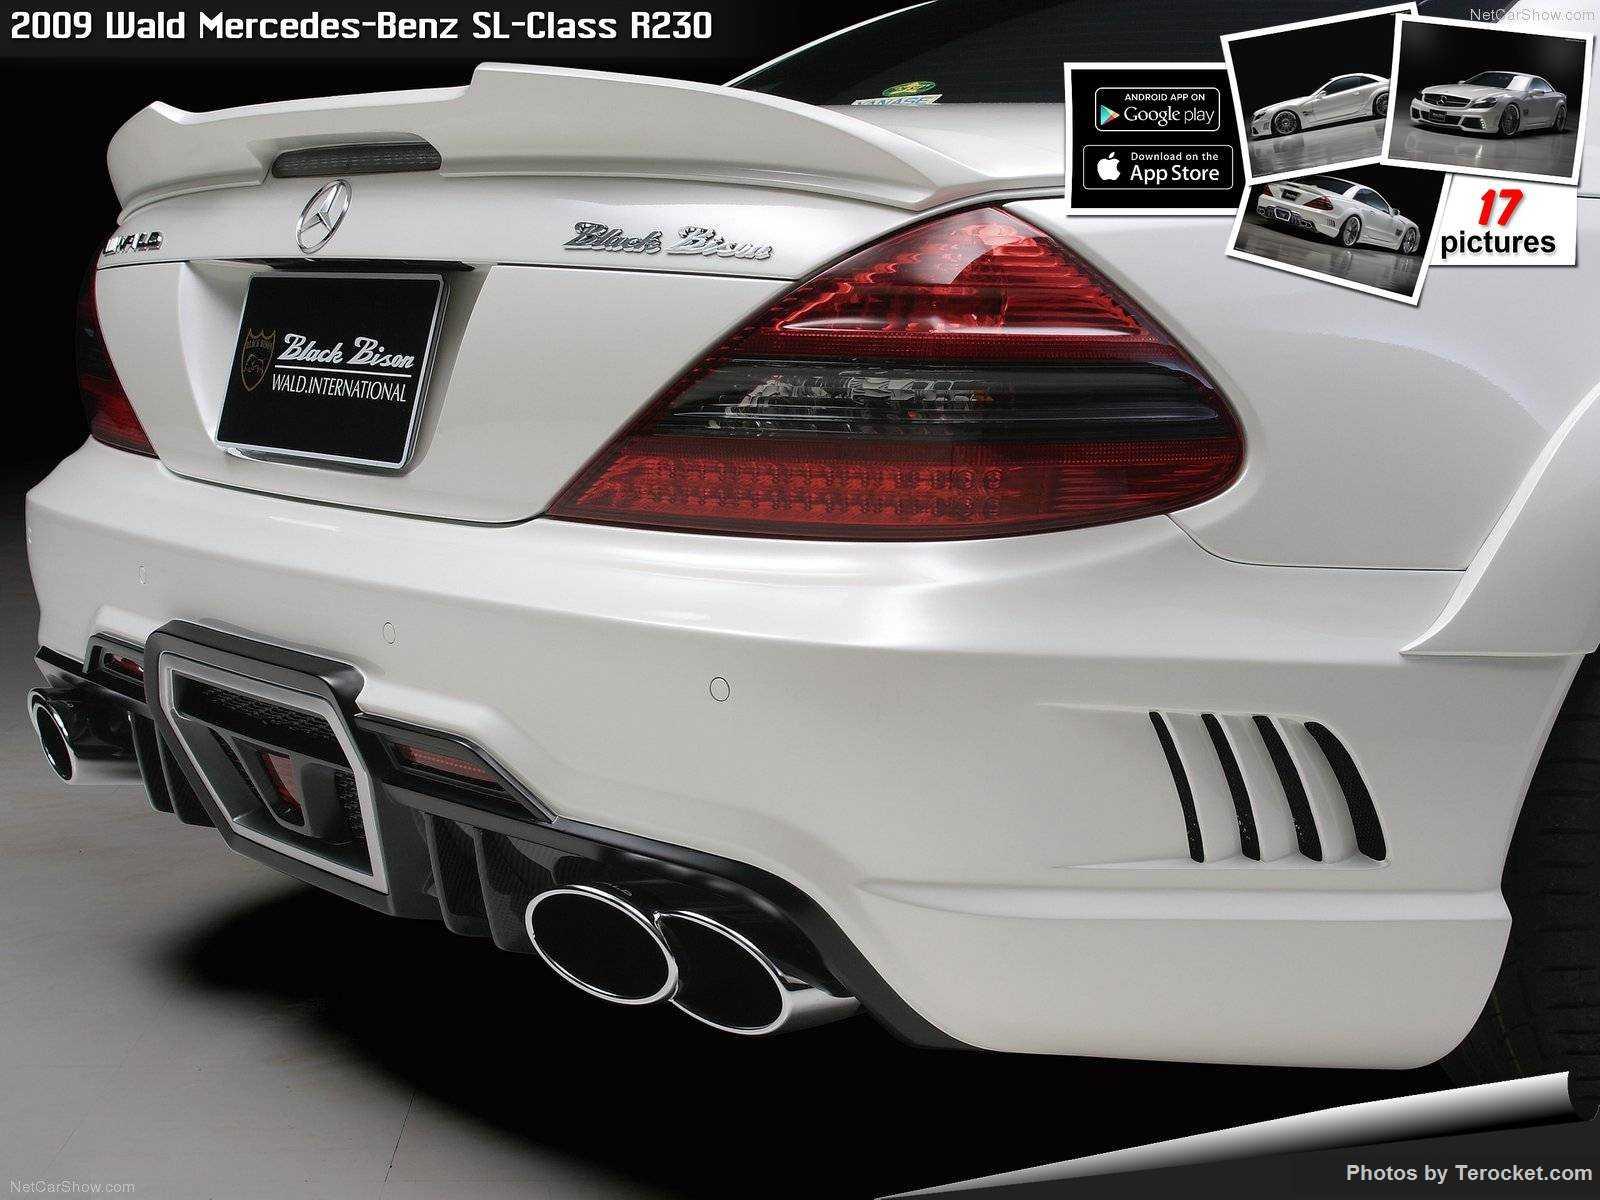 Hình ảnh xe độ Wald Mercedes-Benz SL-Class R230 2009 & nội ngoại thất